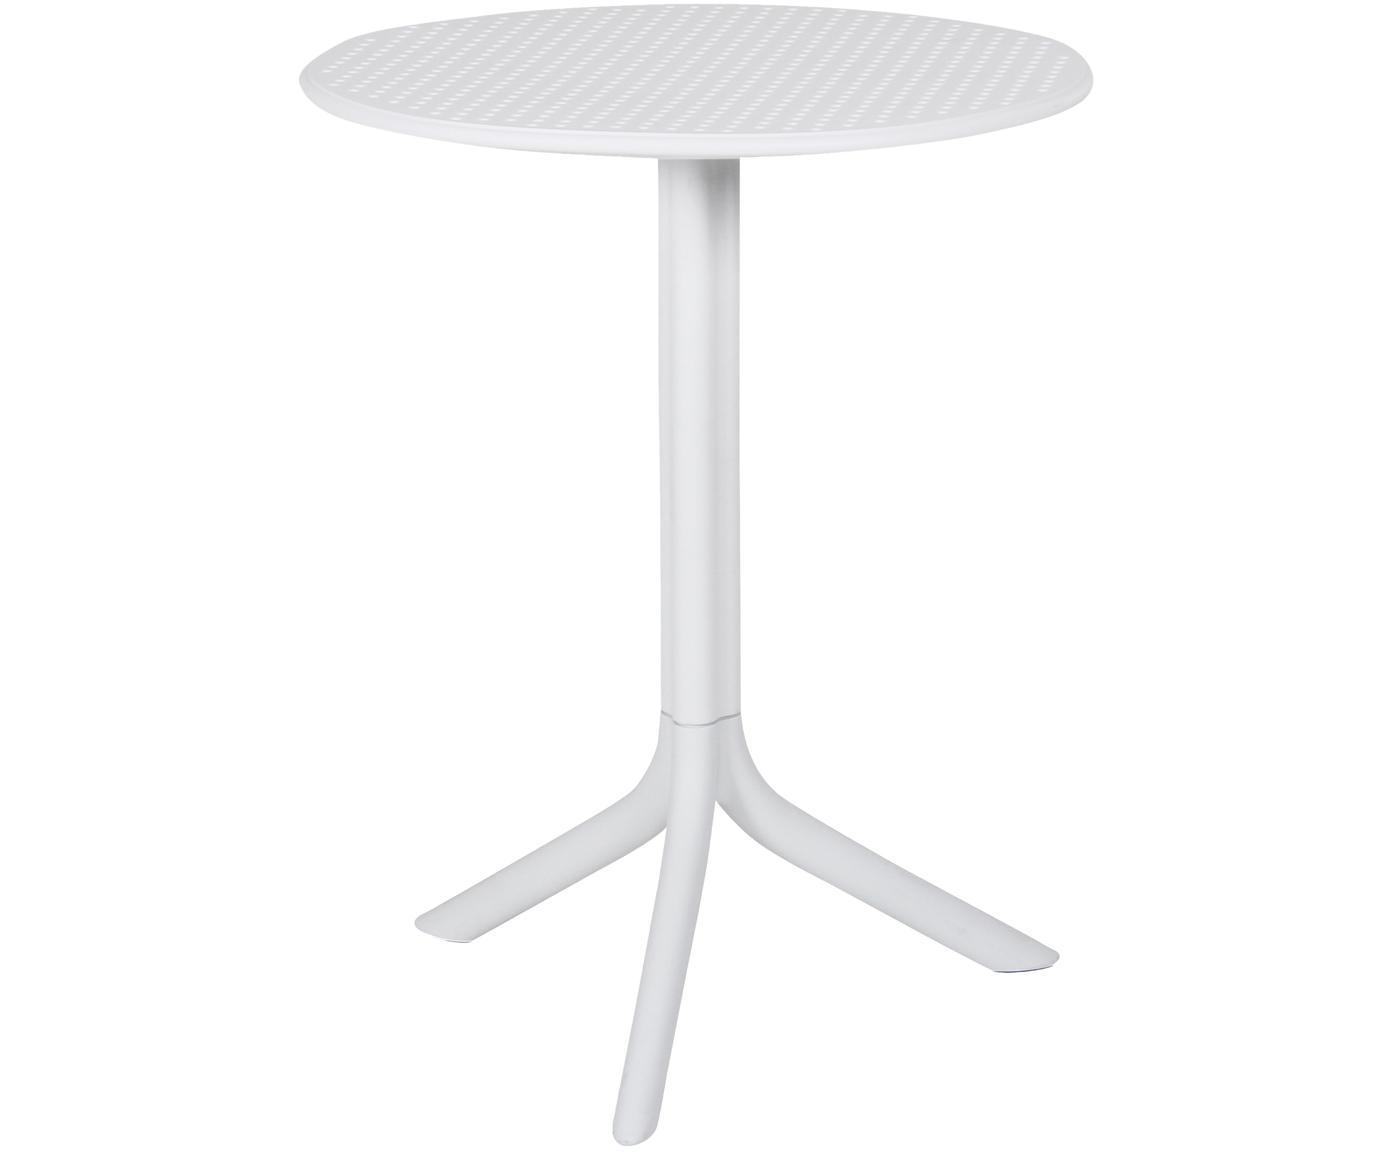 Tavolino rotondo regolabile in altezza Step, Plastica, fibra di vetro rinforzata, Bianco opaco, Ø 60 x Alt. 75 cm